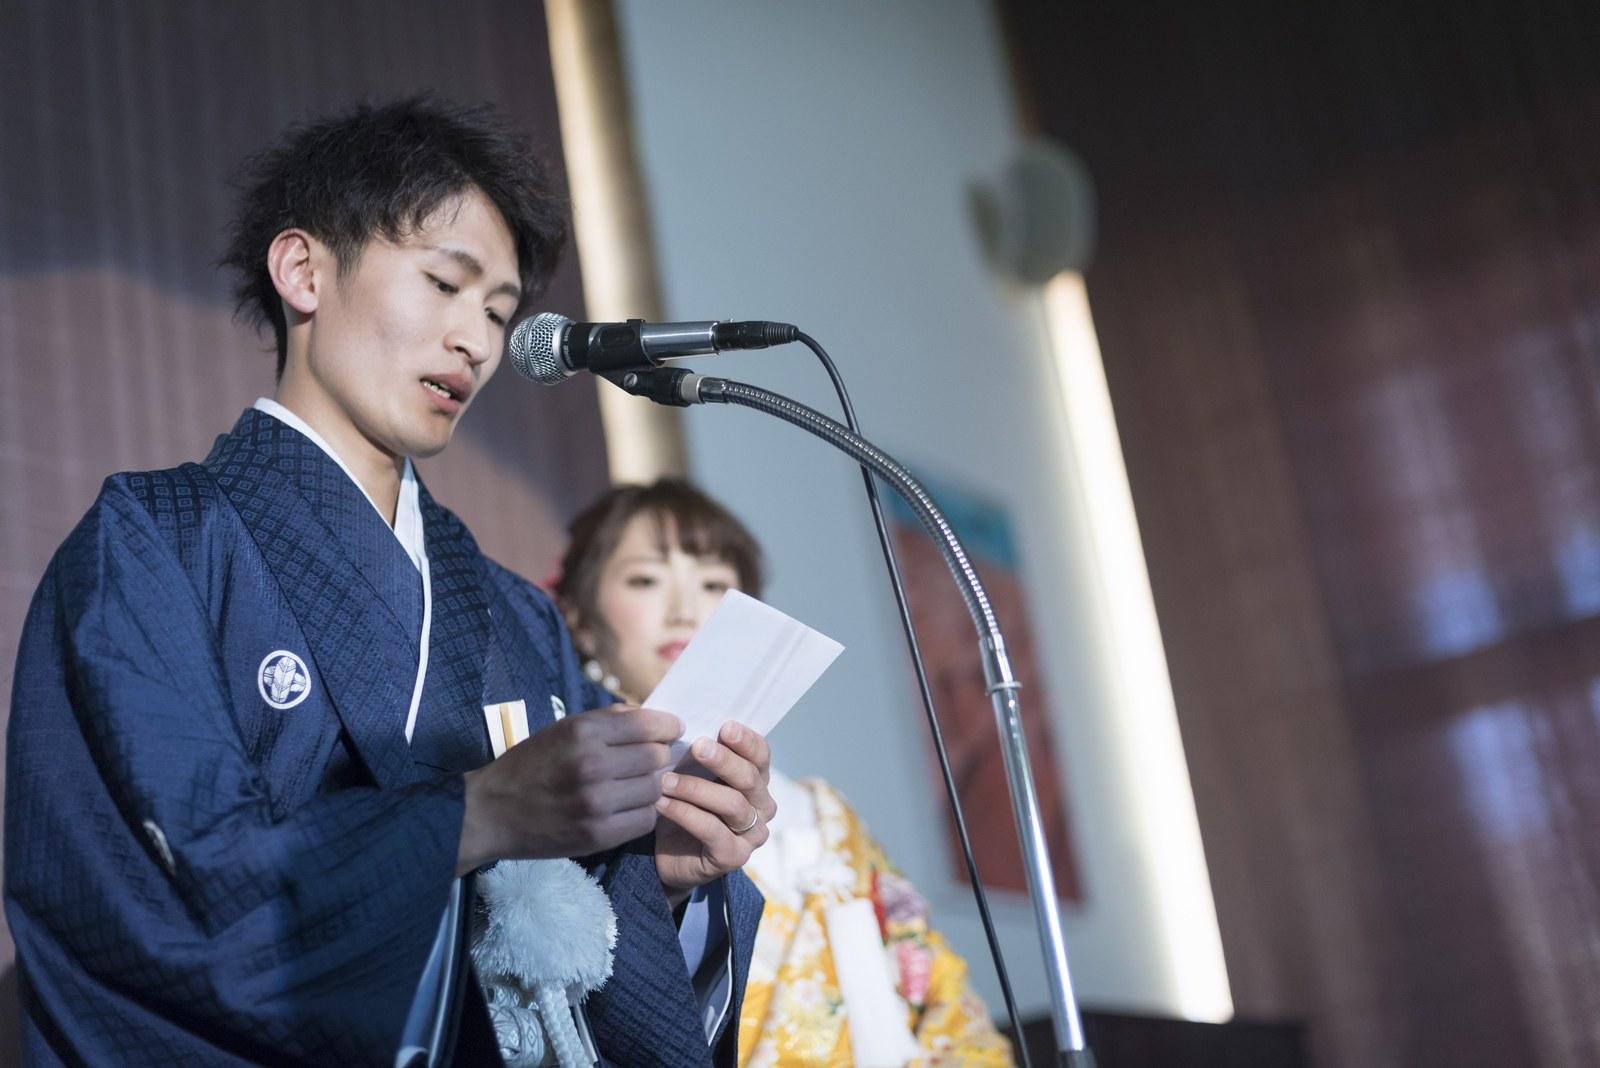 香川の結婚式場シェルエメール&アイスタイル 新郎手紙